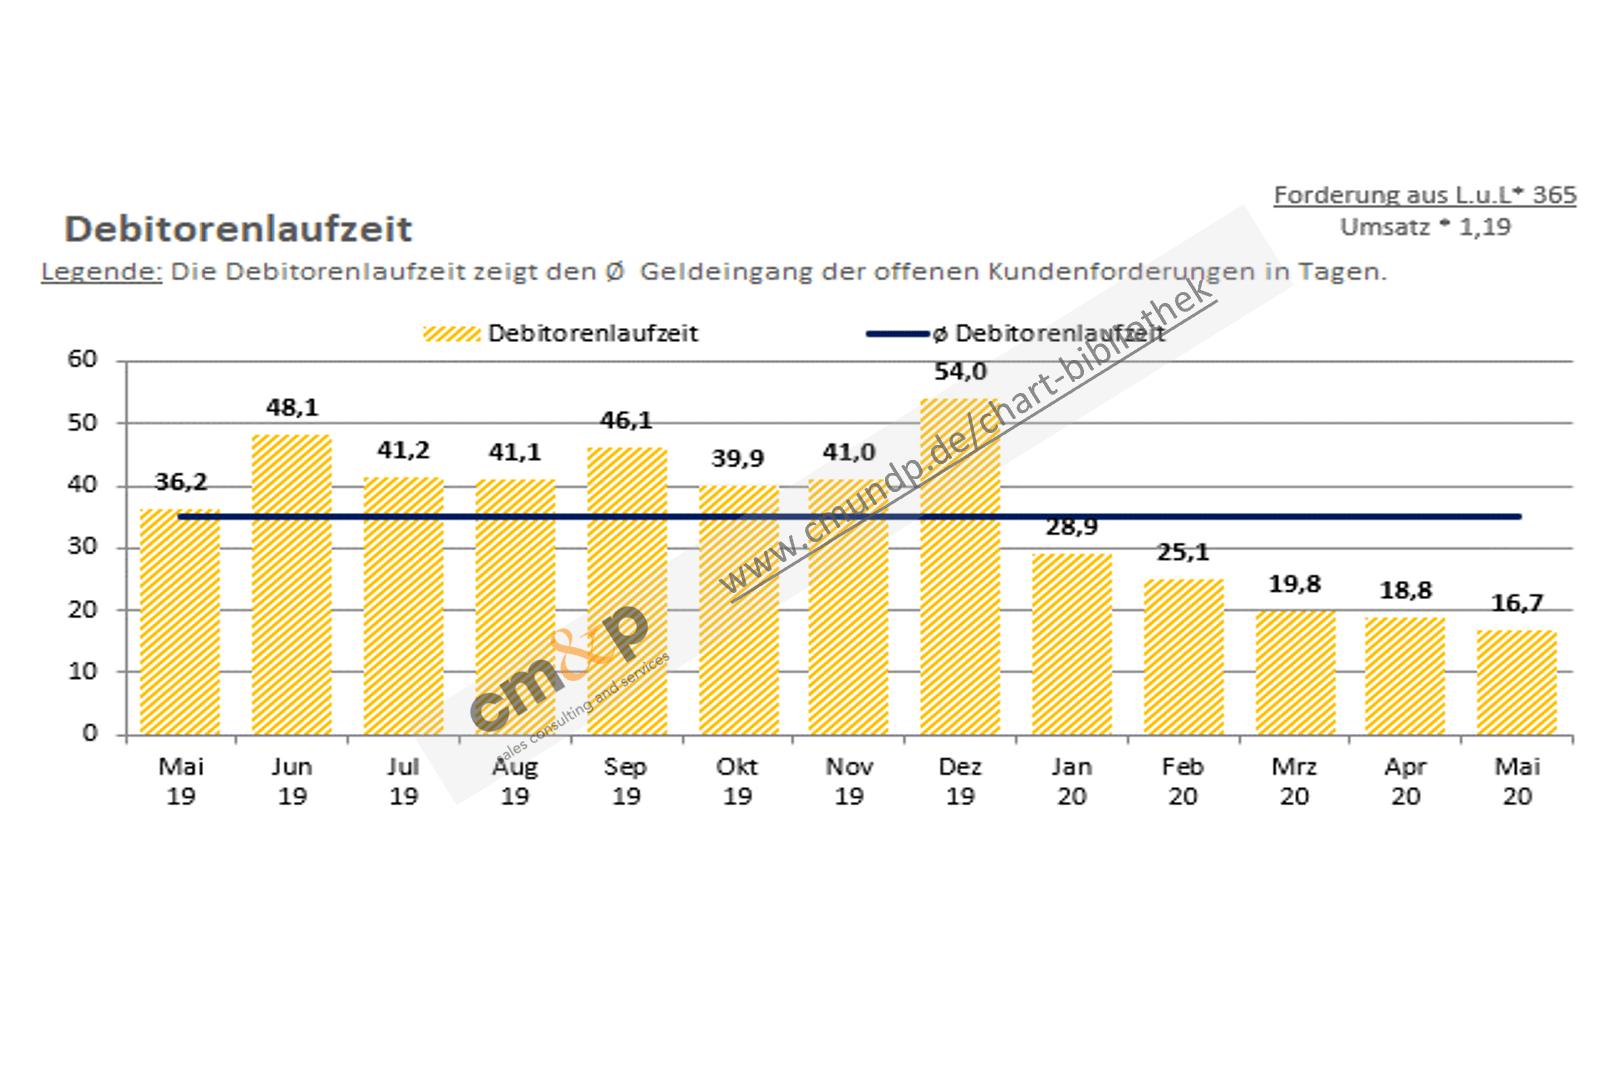 Darstellung der Debitorenlaufzeit als Säulen im Monatsvergleich mit Wertangabe Abbildung der Ø-Debitorenlaufzeit als Linie